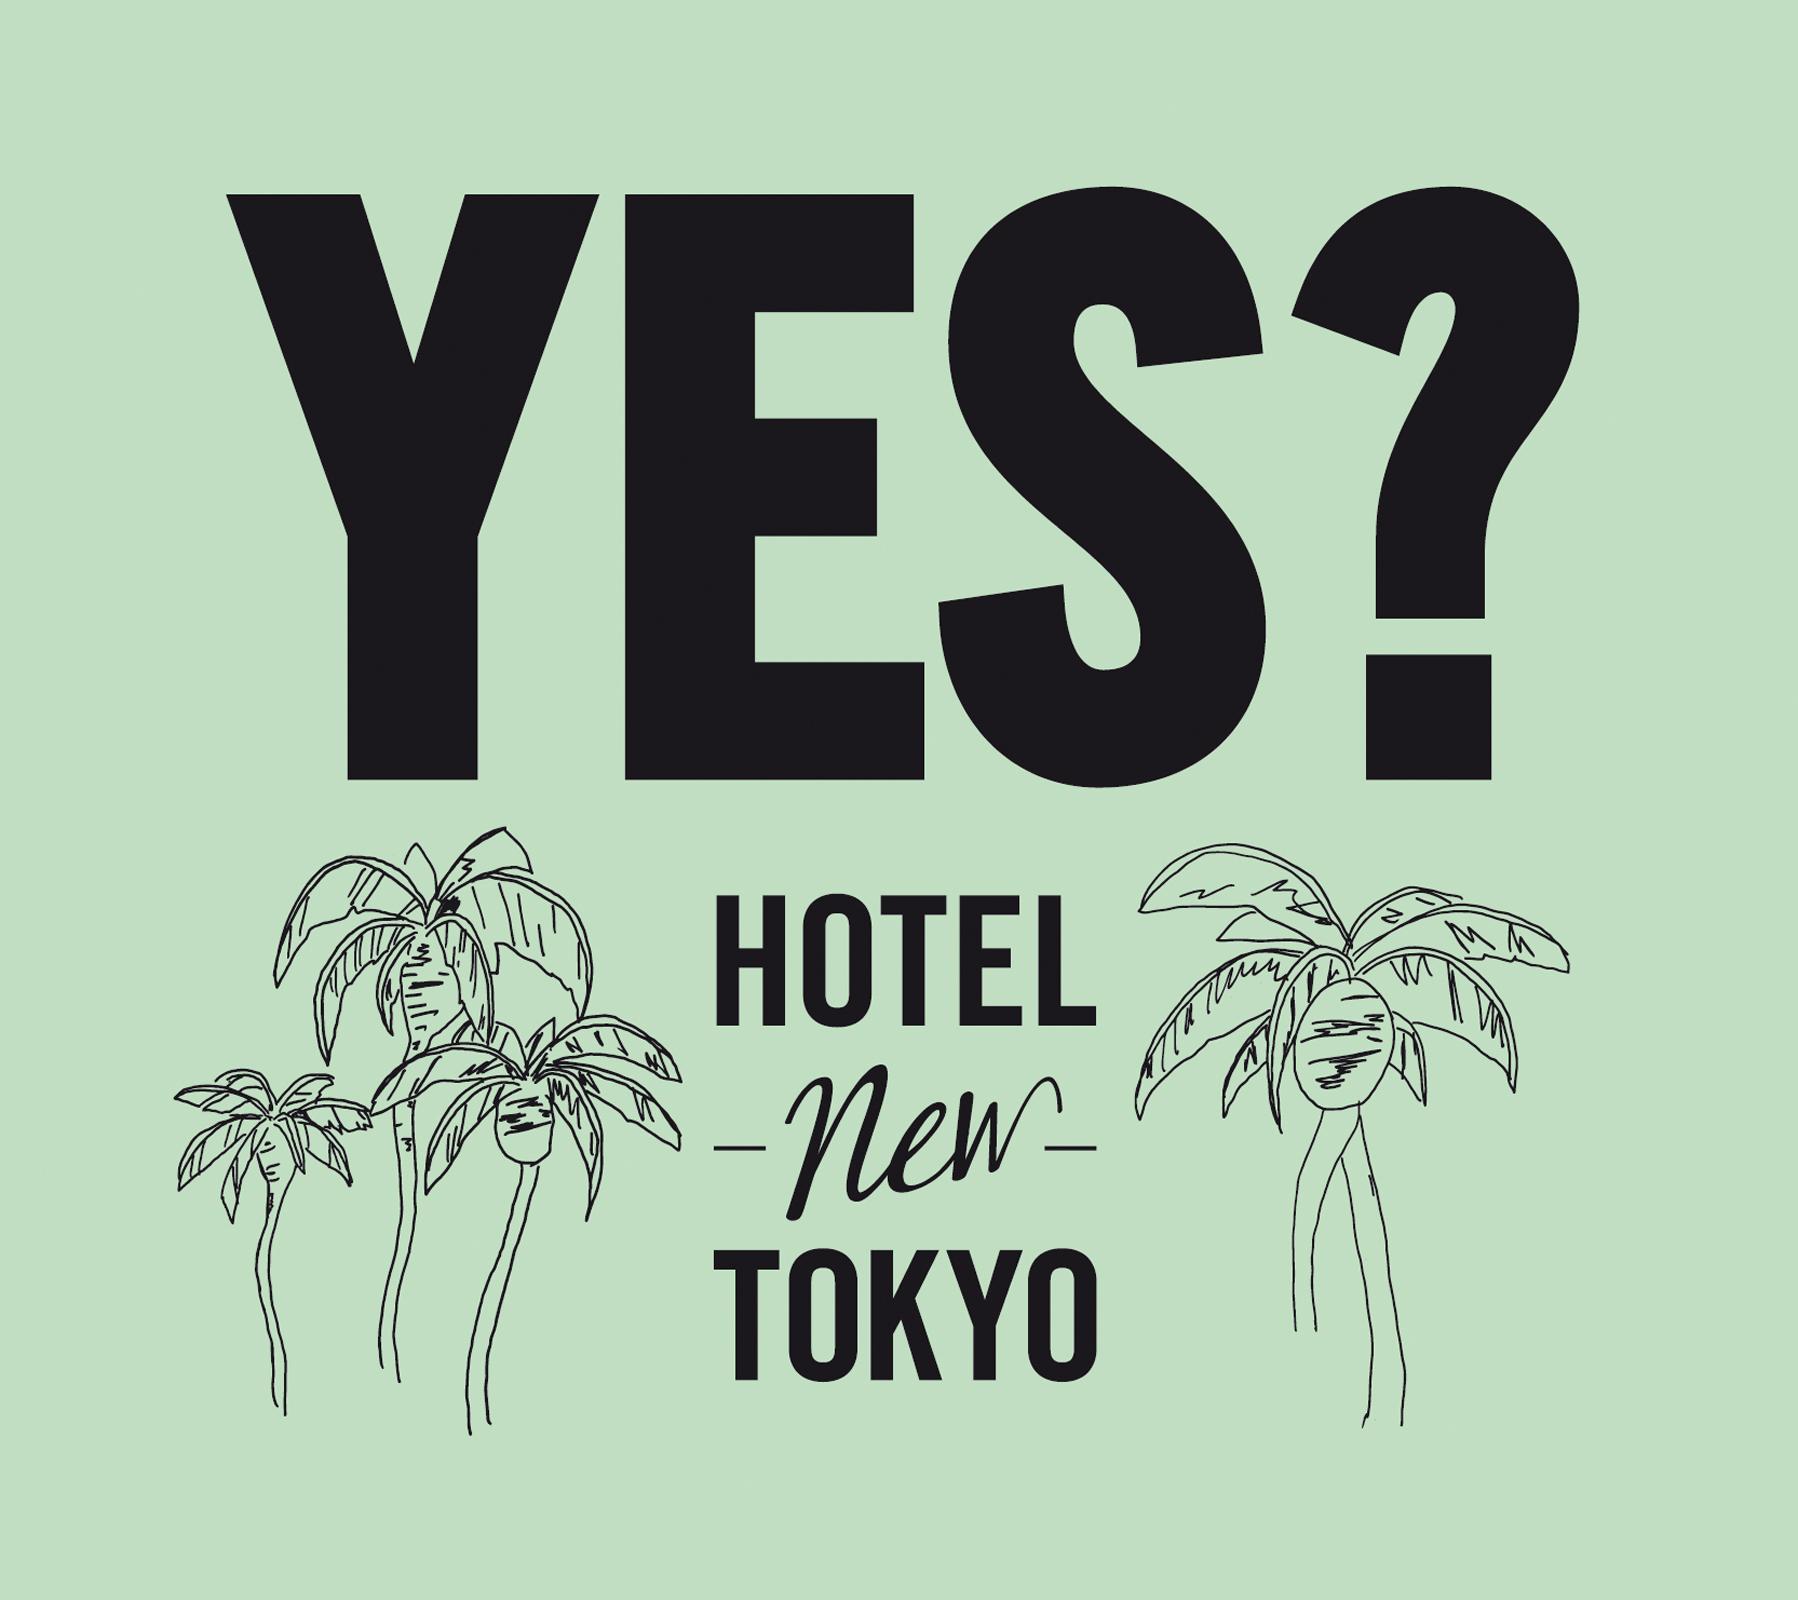 ホテルニュートーキョー『yes?』のROSE SHOP 予約受付を開始しました。